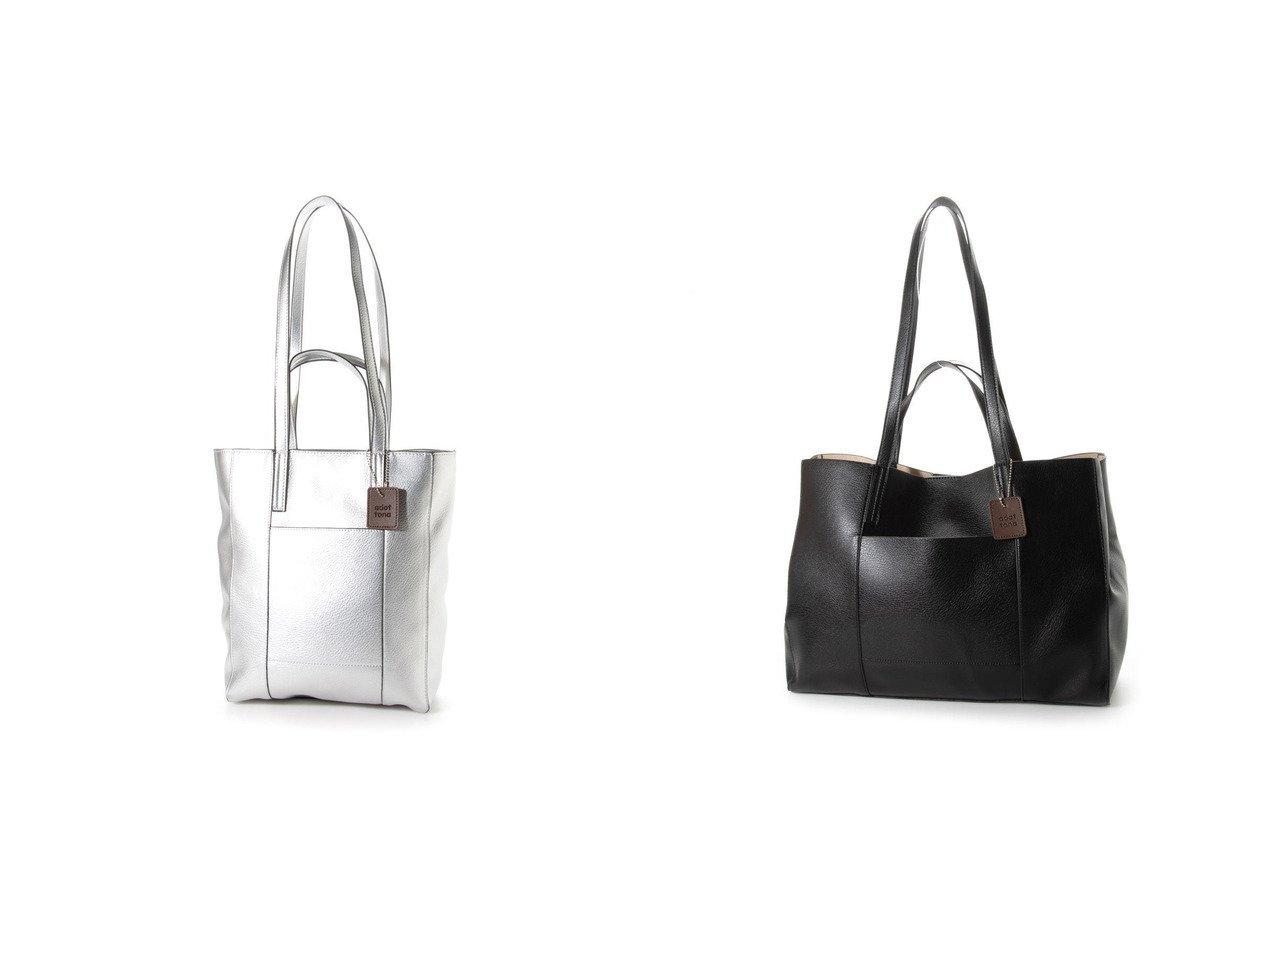 【Le son/ル ソン】のル ソン Le son 2WAY縦型大容量トートバッグ&ル ソン Le son 2WAYユニセックス大容量トートバッグ バッグ・鞄のおすすめ!人気、トレンド・レディースファッションの通販 おすすめで人気の流行・トレンド、ファッションの通販商品 メンズファッション・キッズファッション・インテリア・家具・レディースファッション・服の通販 founy(ファニー) https://founy.com/ ファッション Fashion レディースファッション WOMEN バッグ Bag 財布 |ID:crp329100000015004